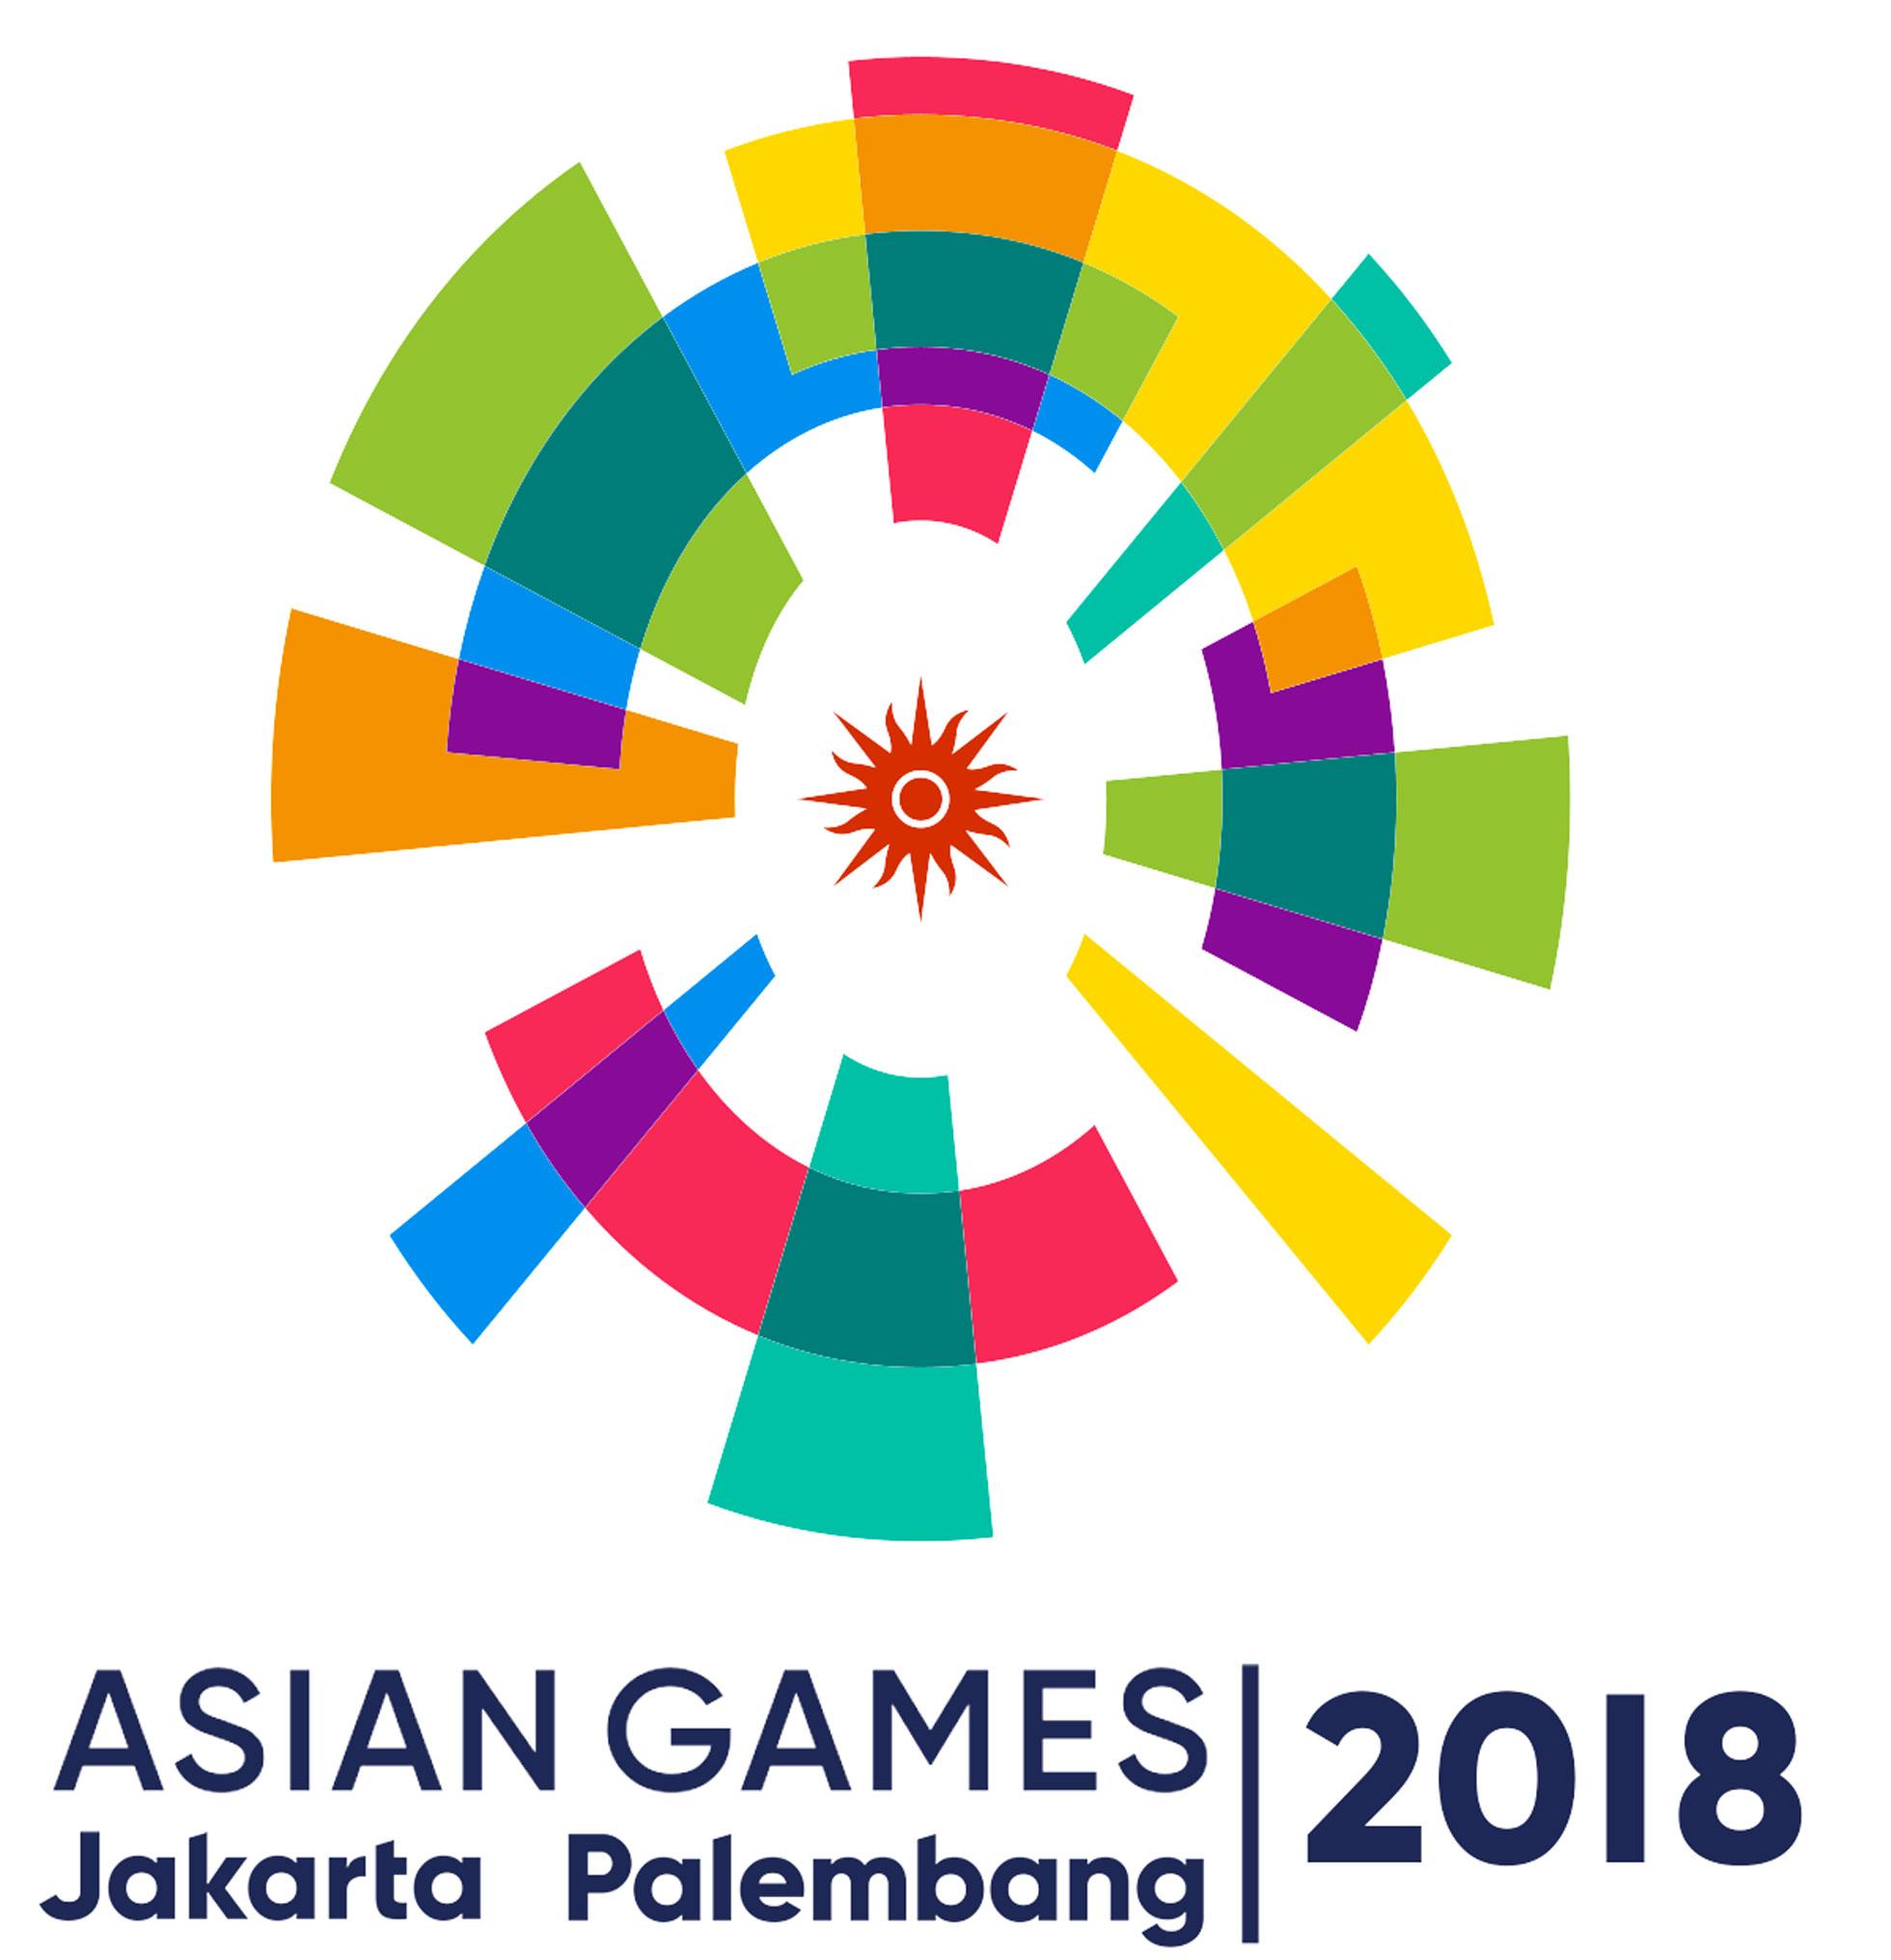 アジア大会2018